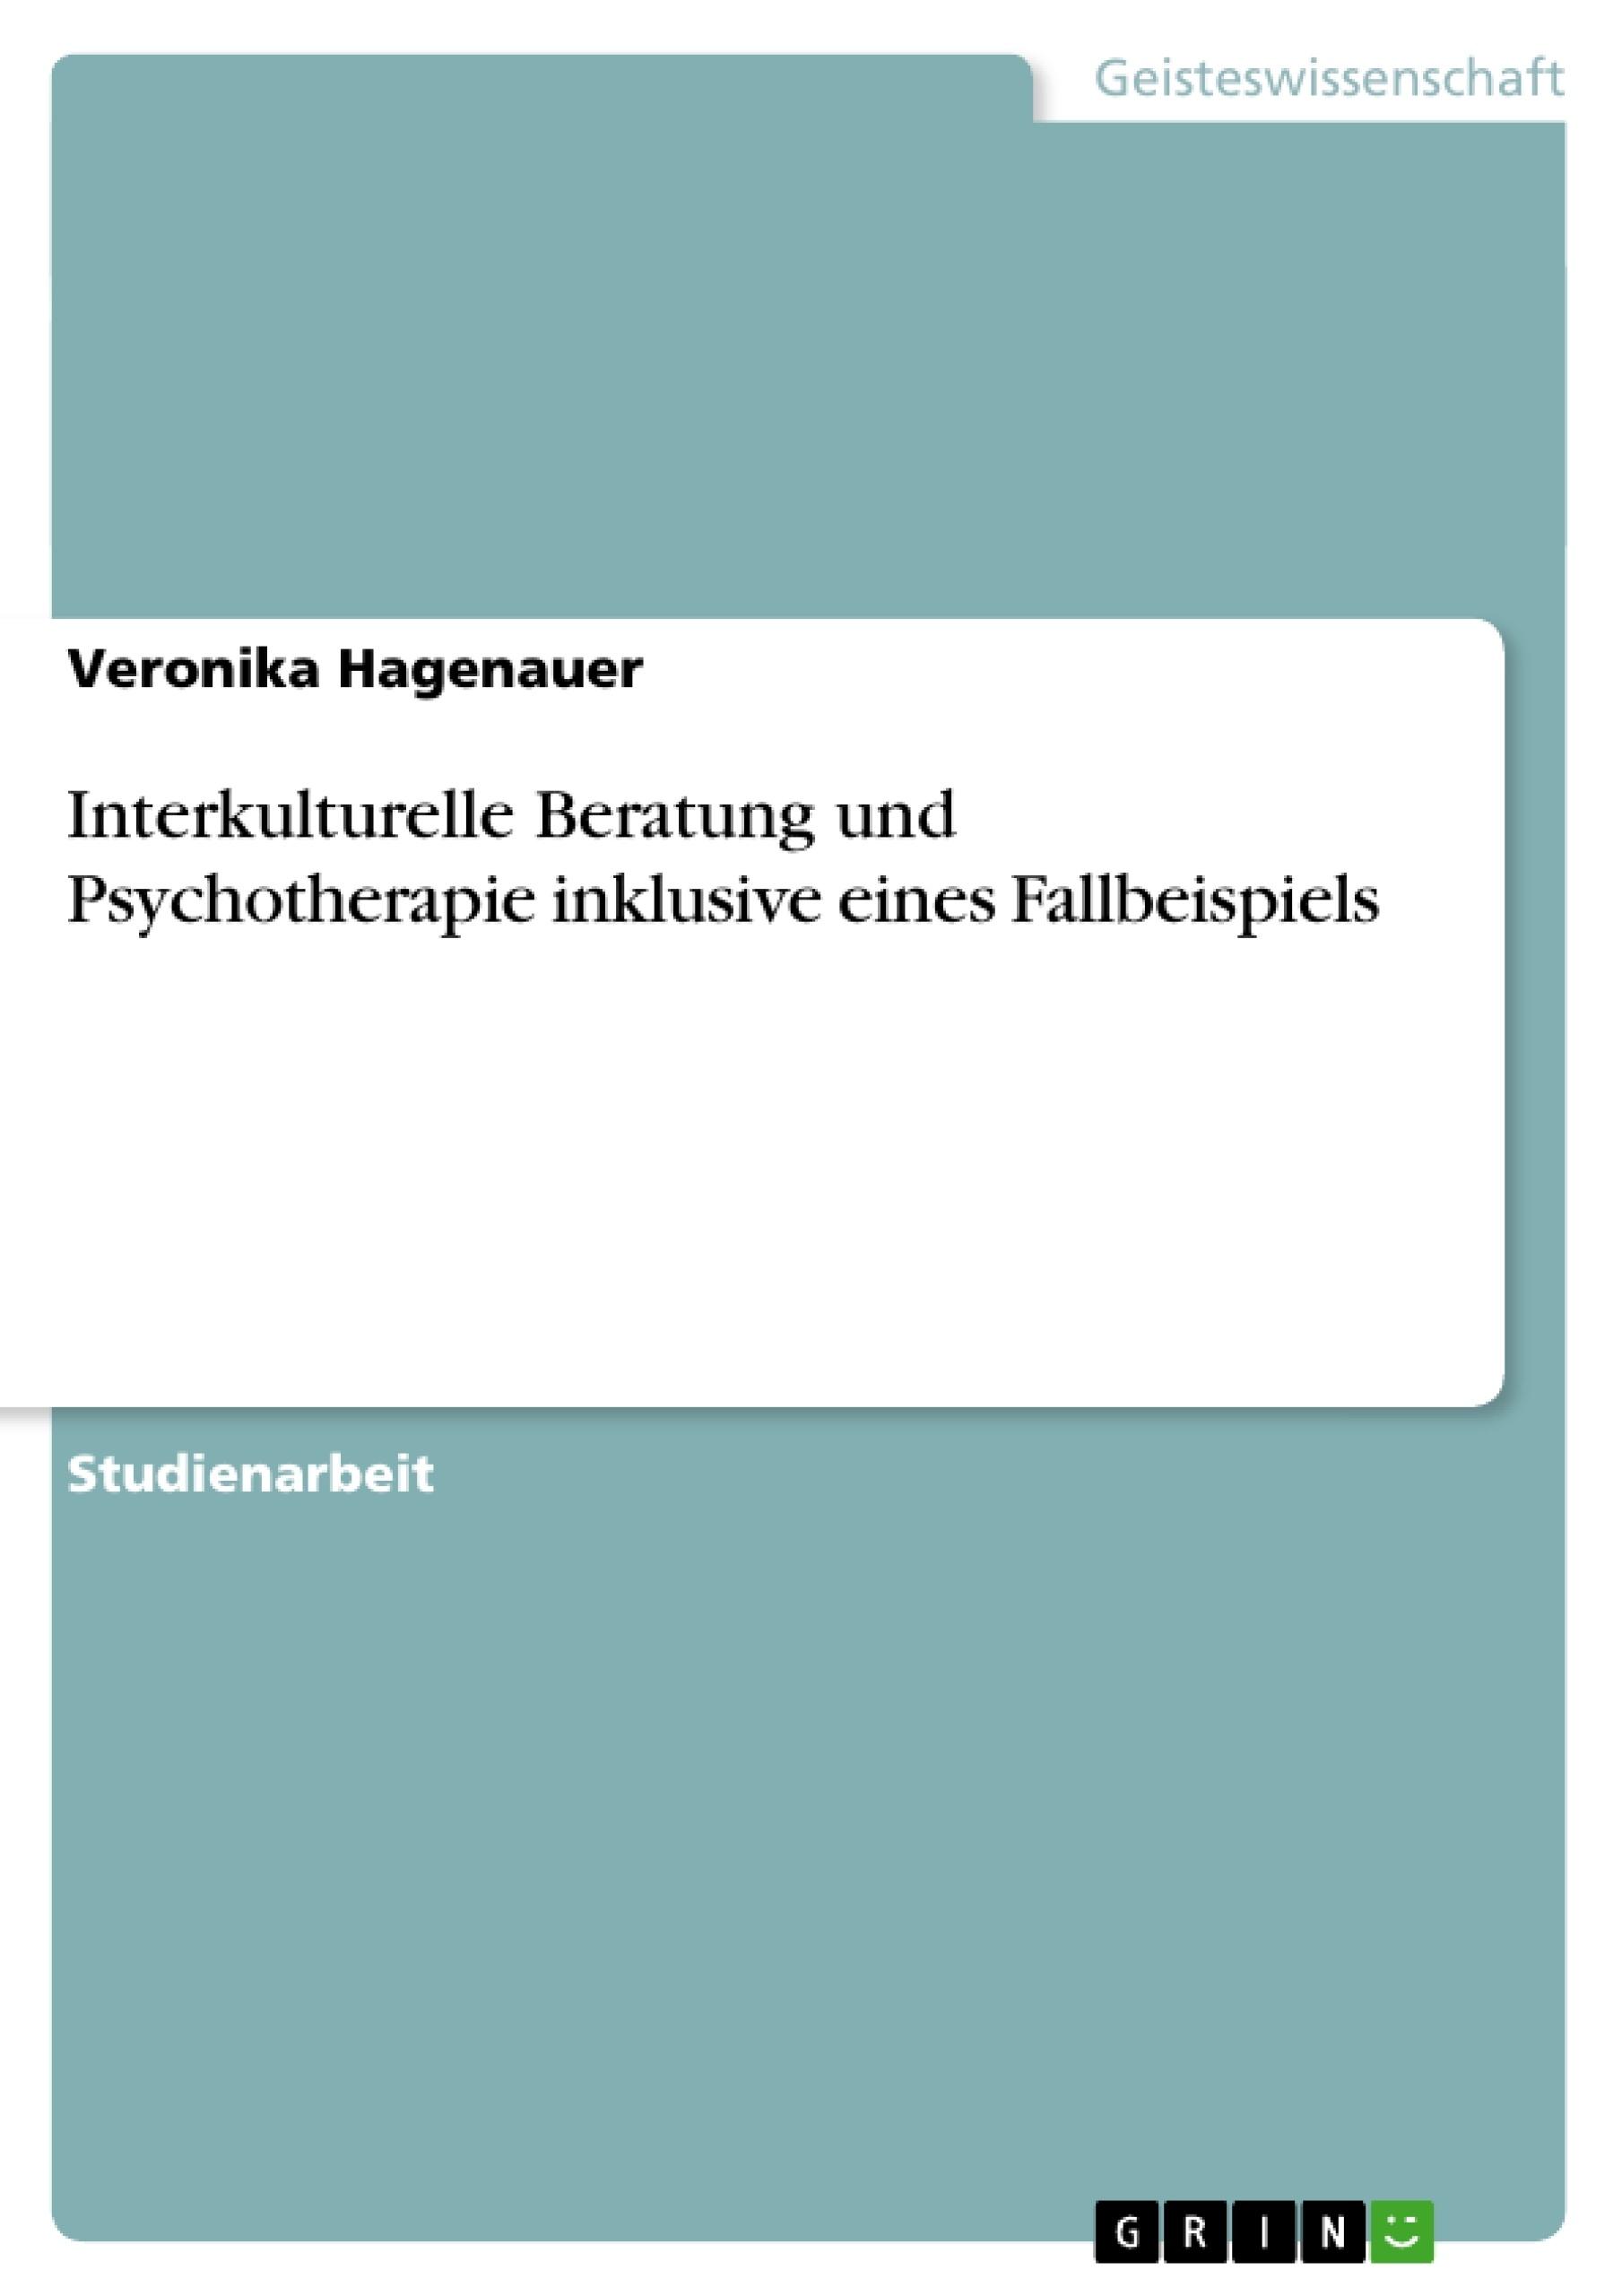 Titel: Interkulturelle Beratung und Psychotherapie inklusive eines Fallbeispiels